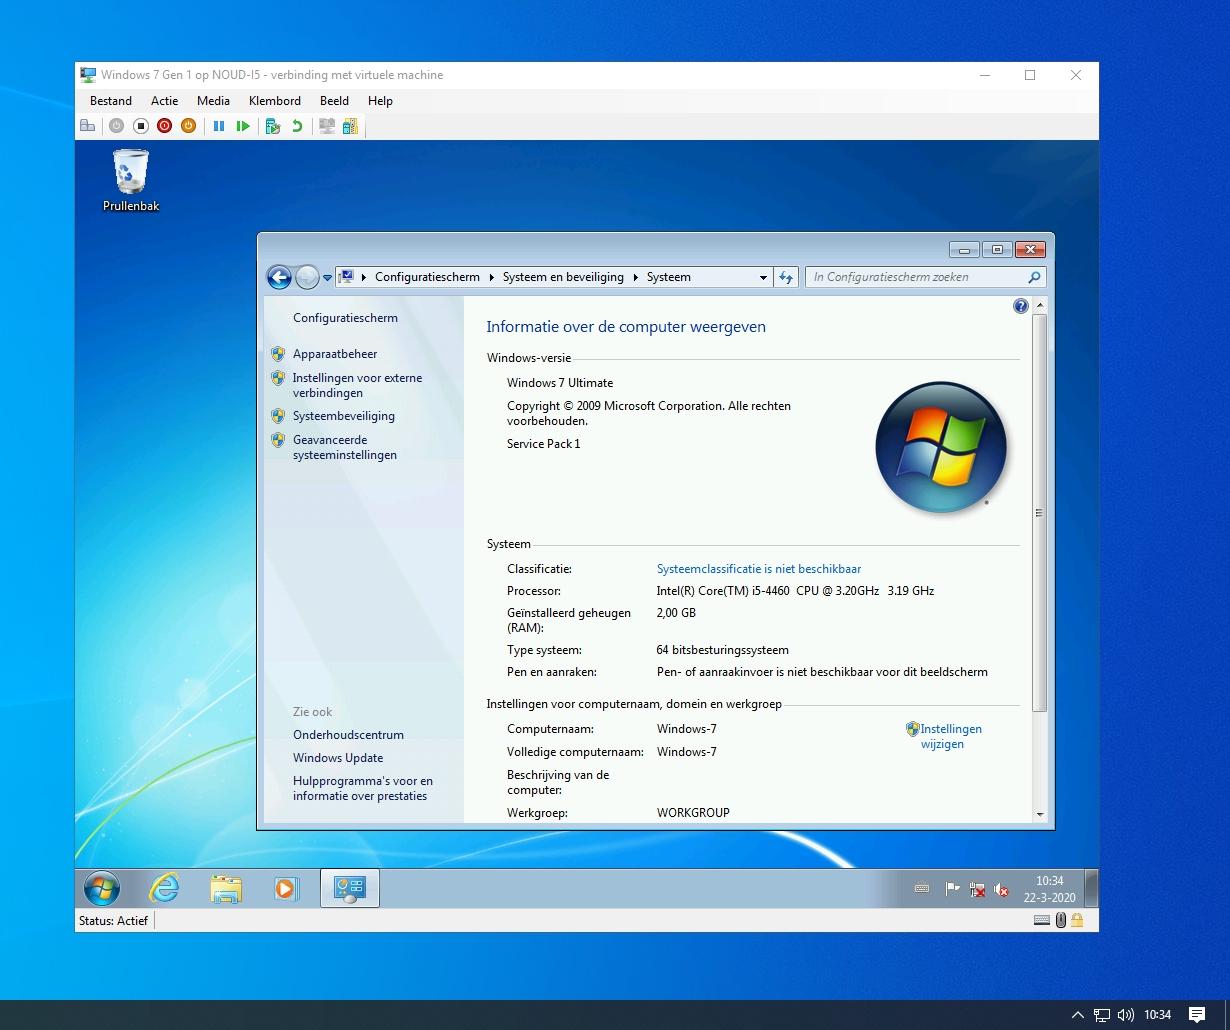 Windows 7 in een virtuele machine in Hyper-V